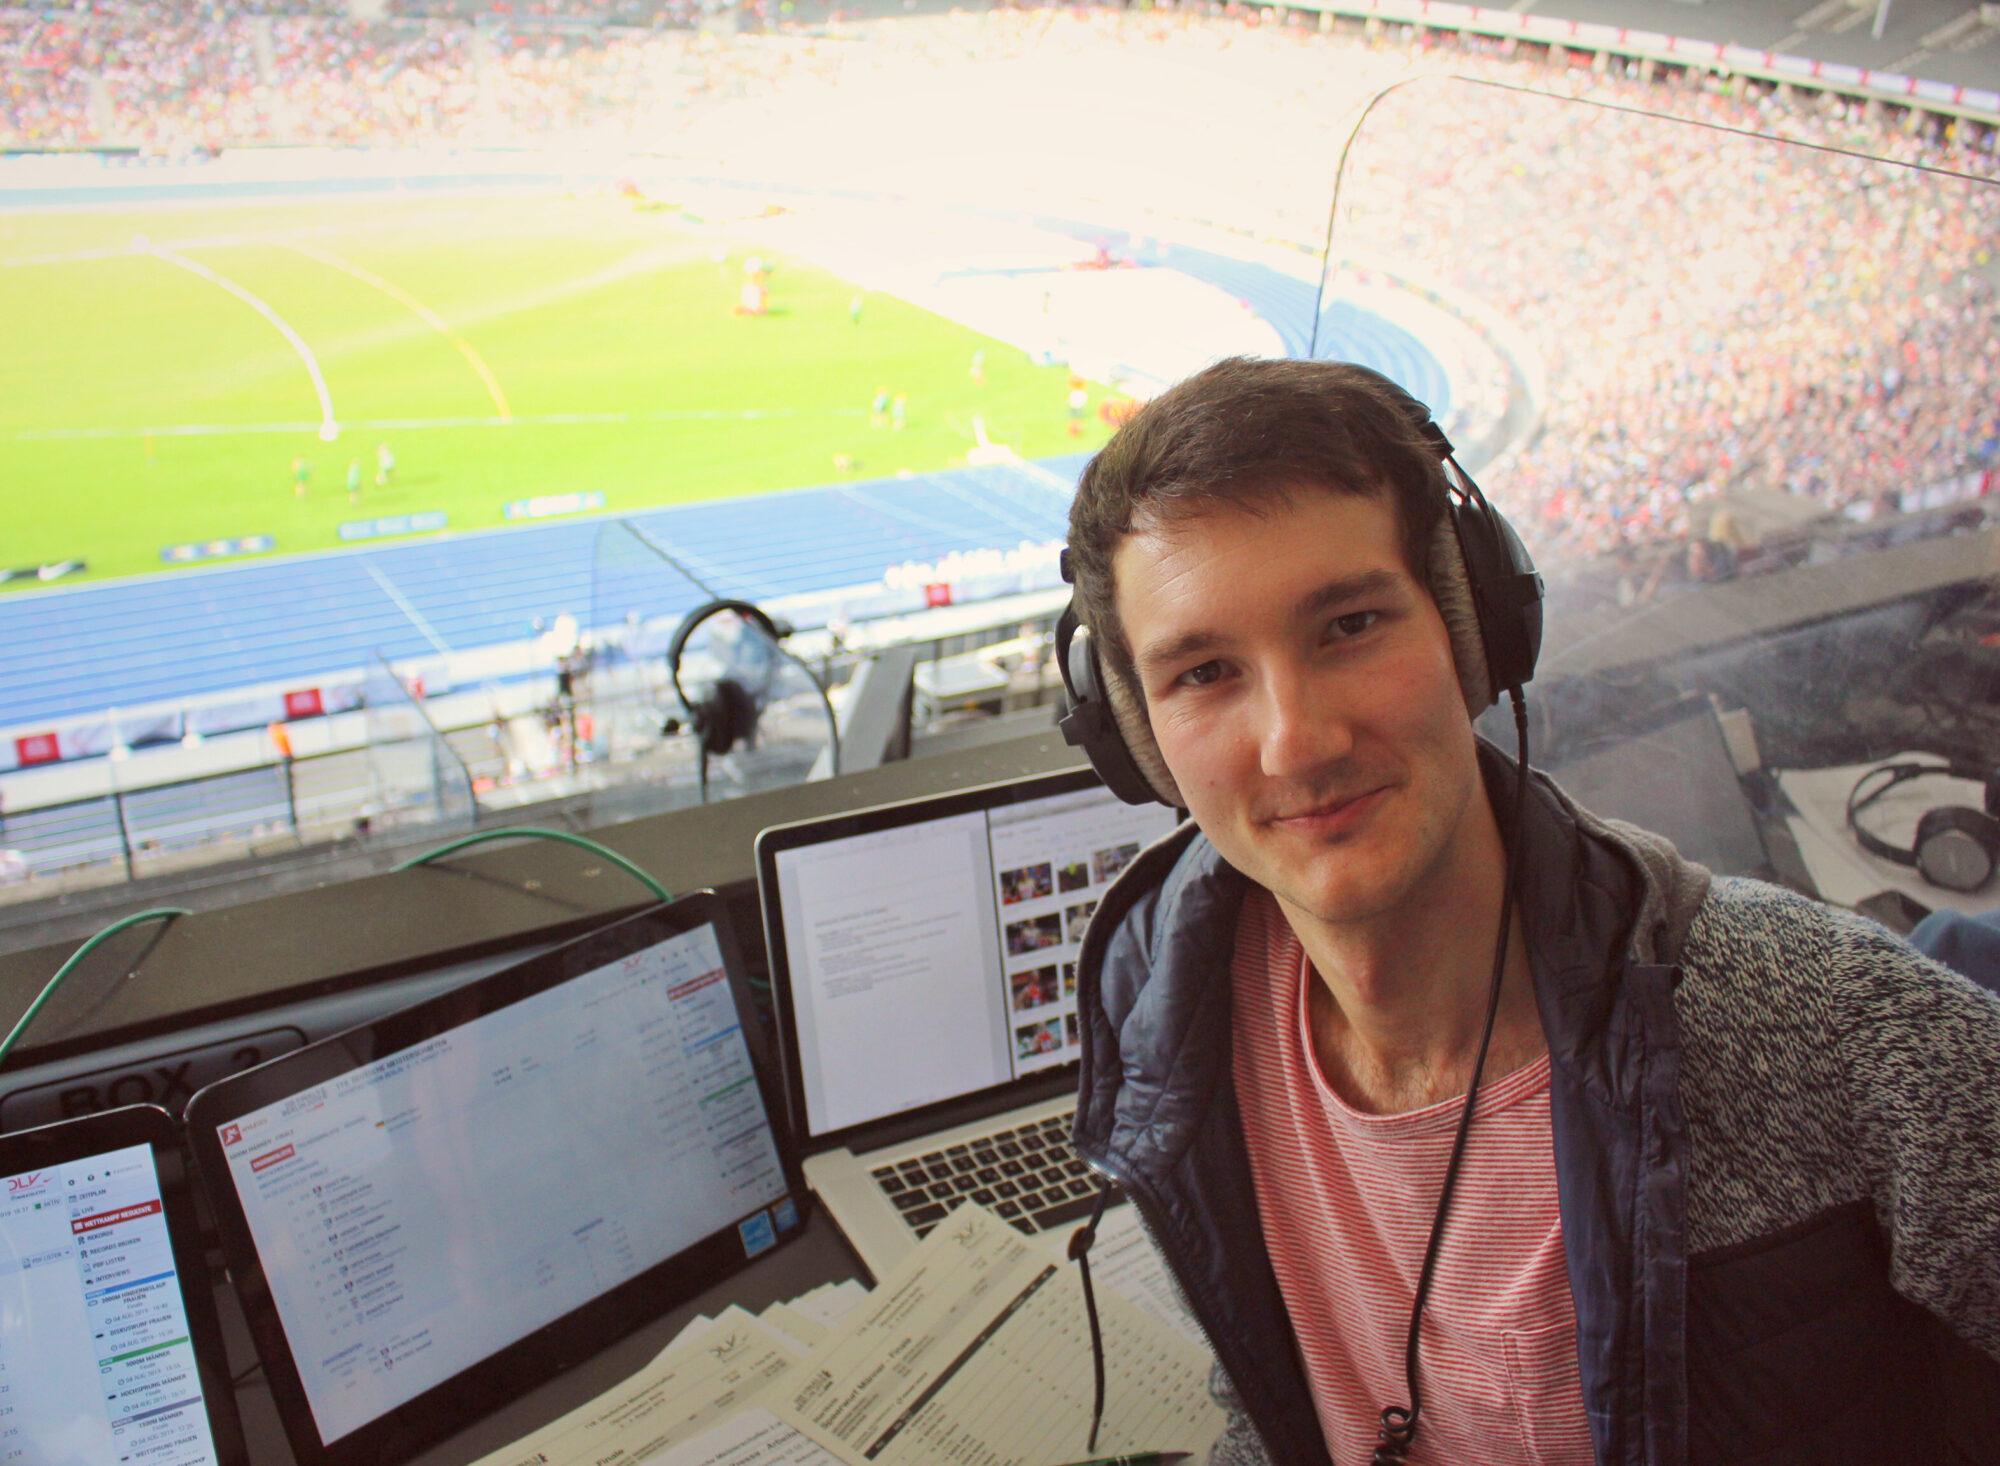 Blick von der Pressetribüne ins Stadionrund. Der Unterrang ist voll besetzt, Foto: Tomke Koop.